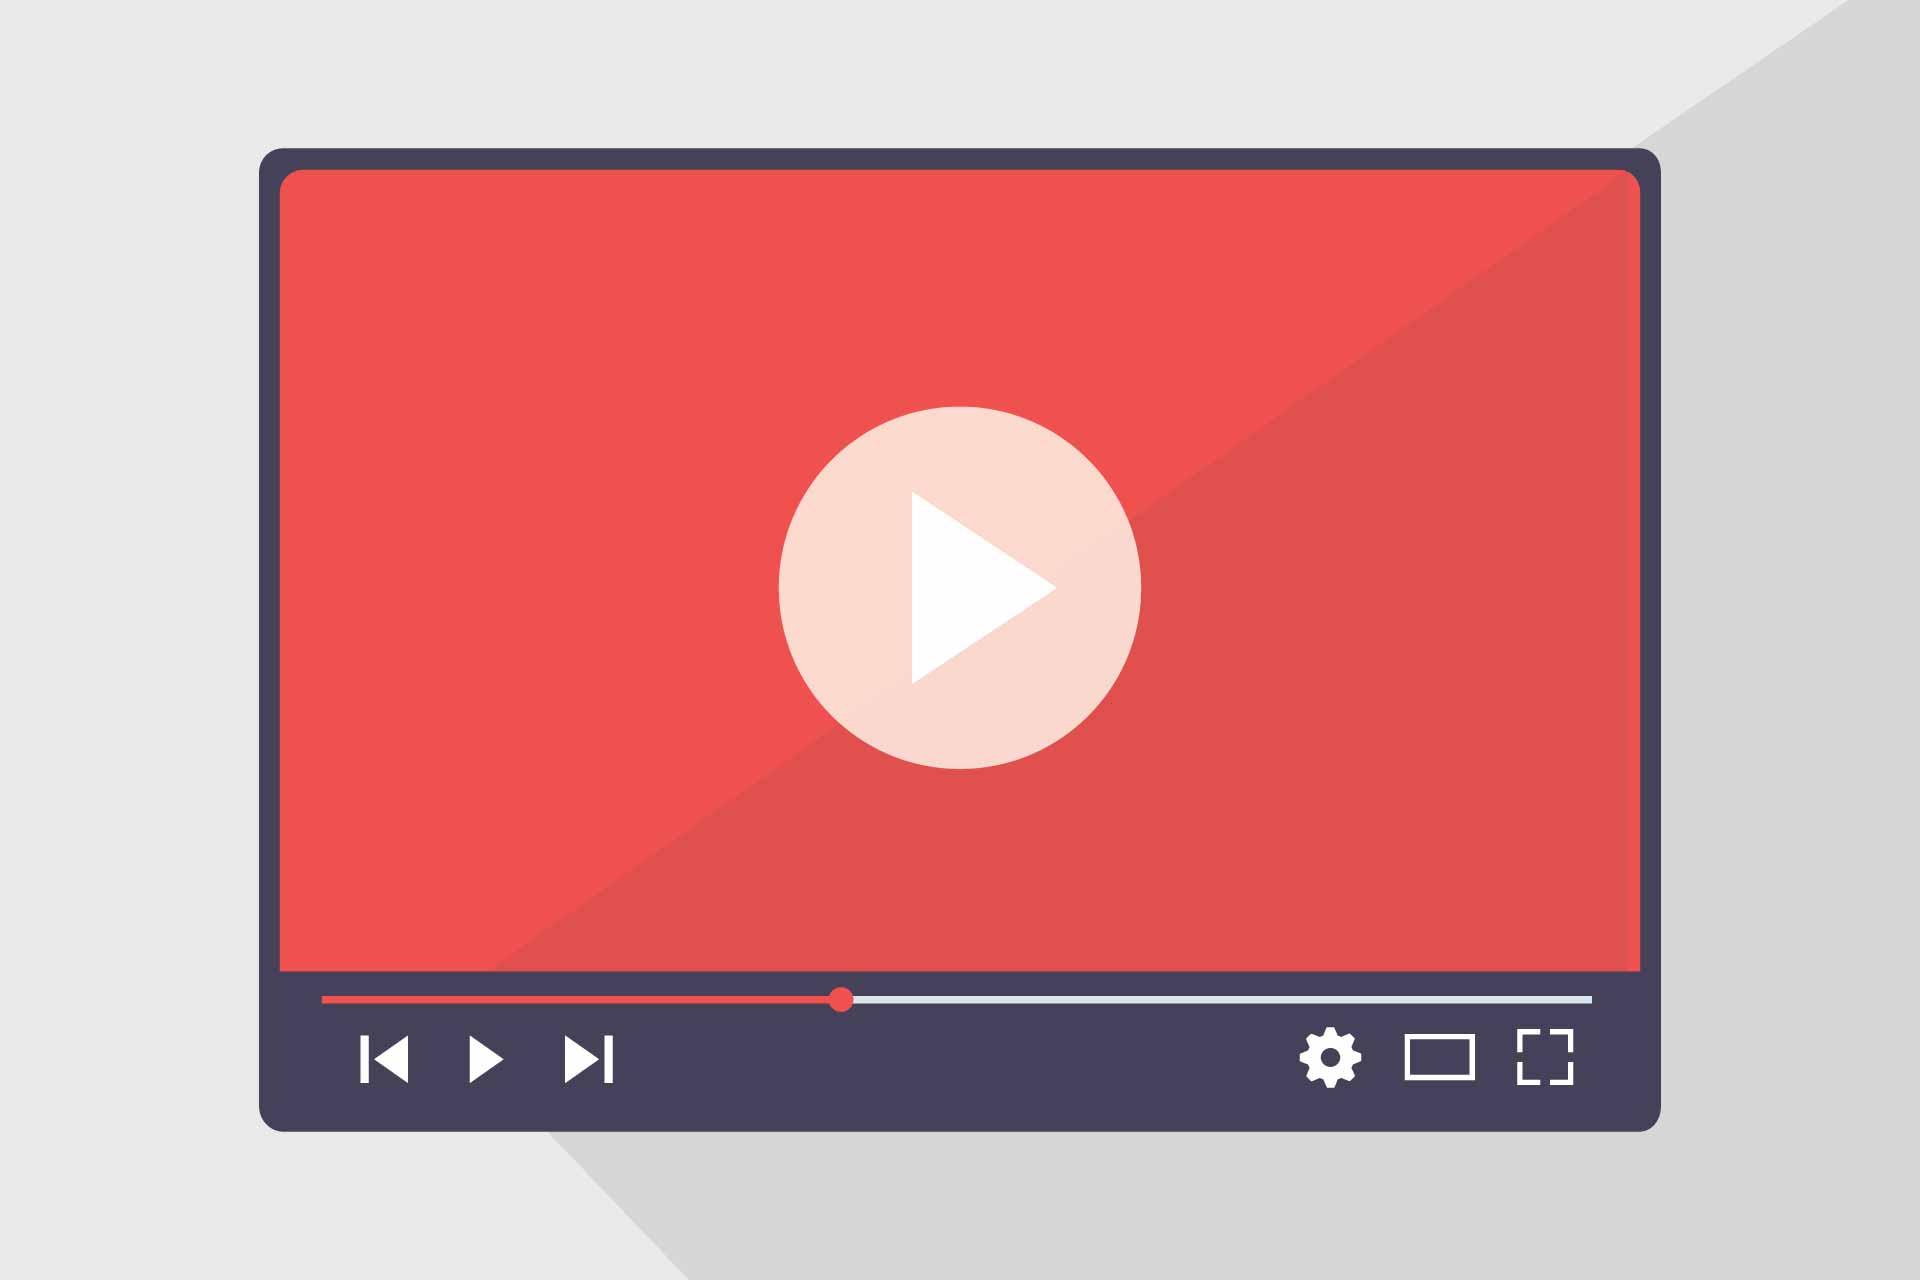 چگونه ویدیو در پاورپوینت بگذاریم؟